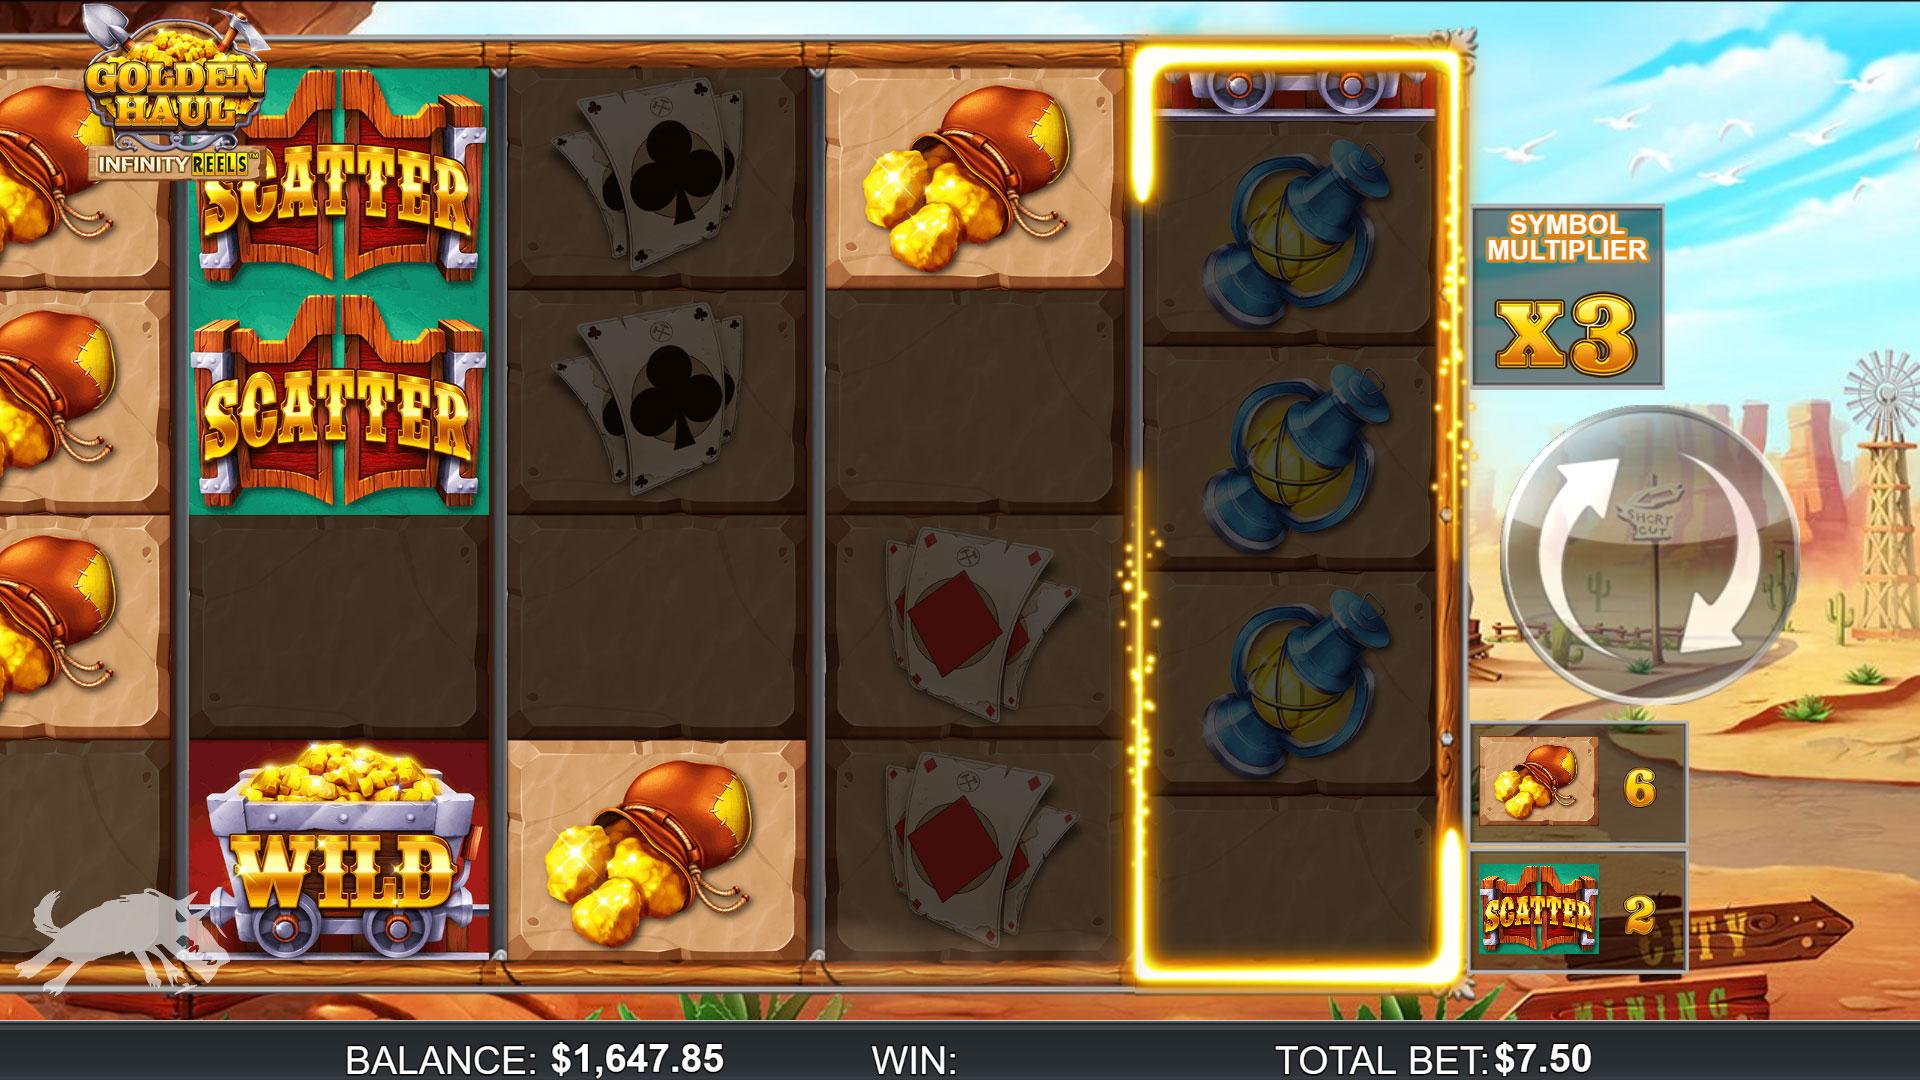 Golden Haul Infinity Reels slot screenshot